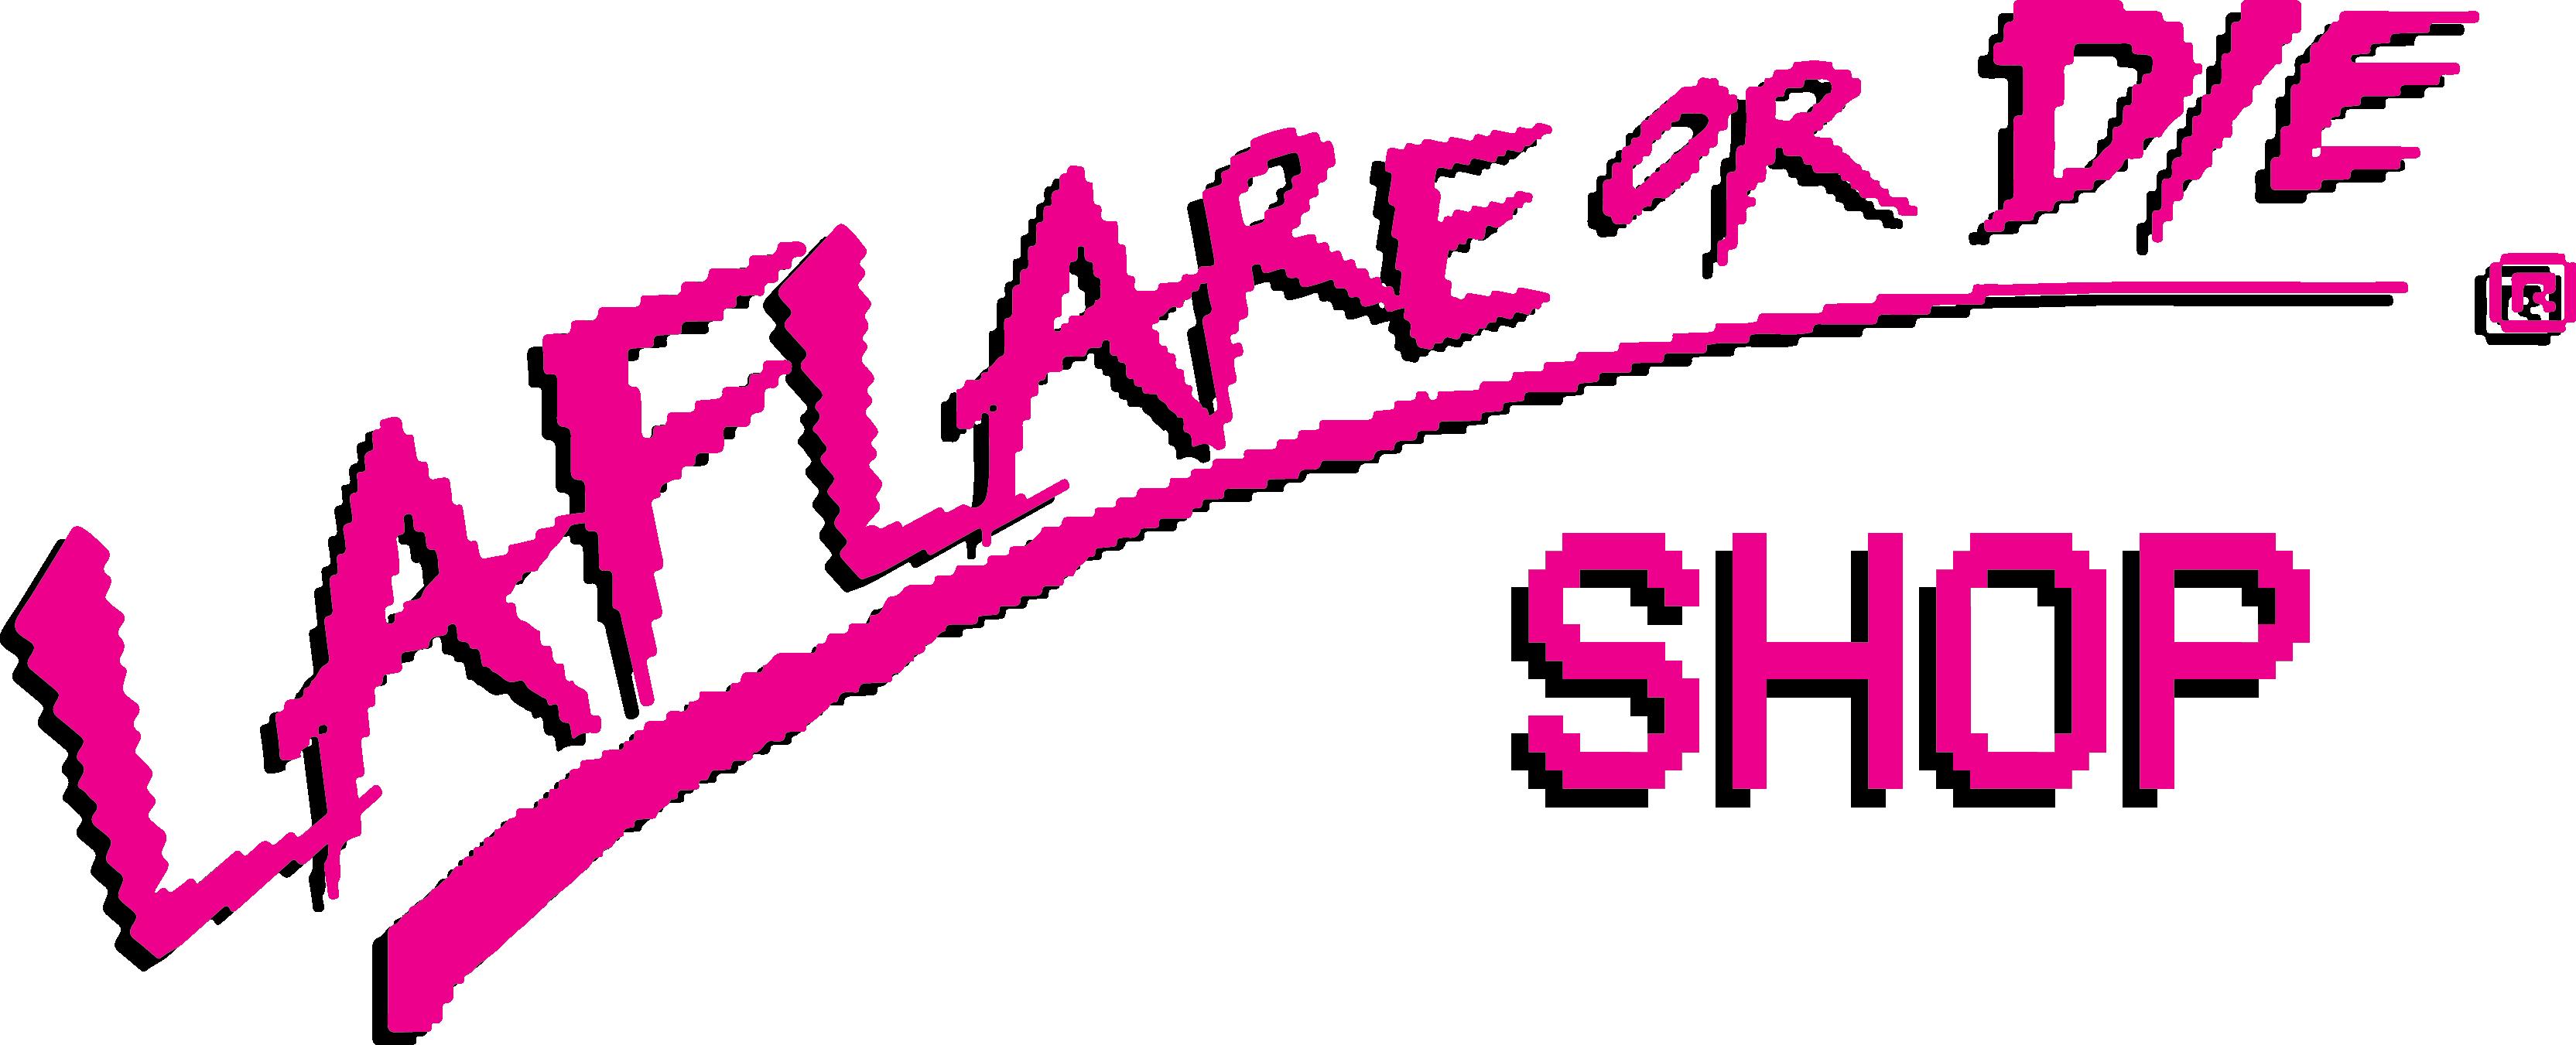 LA FLARE OR DIE